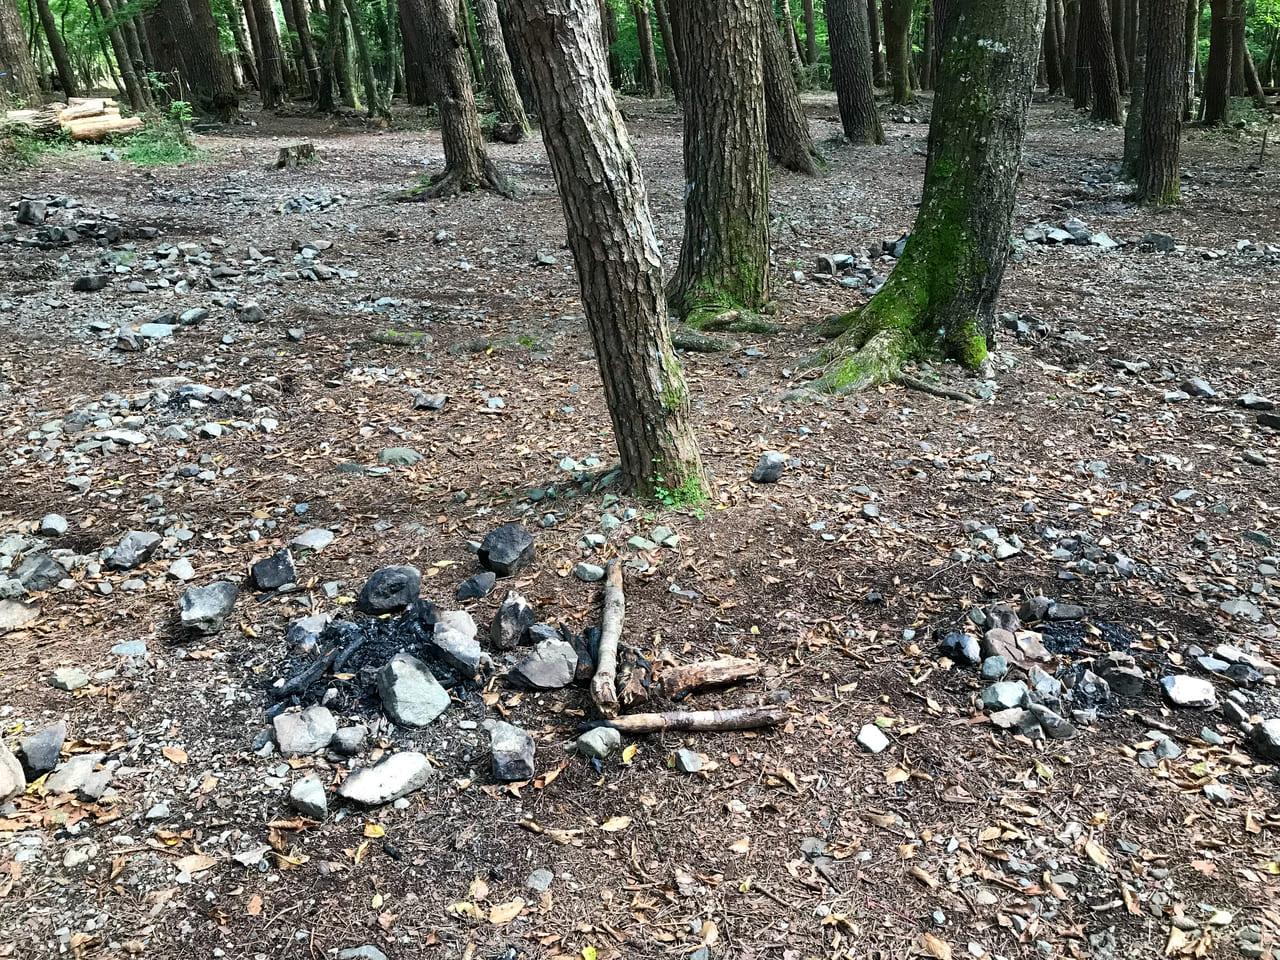 /キャンプ場のマナー低下で残された直火跡